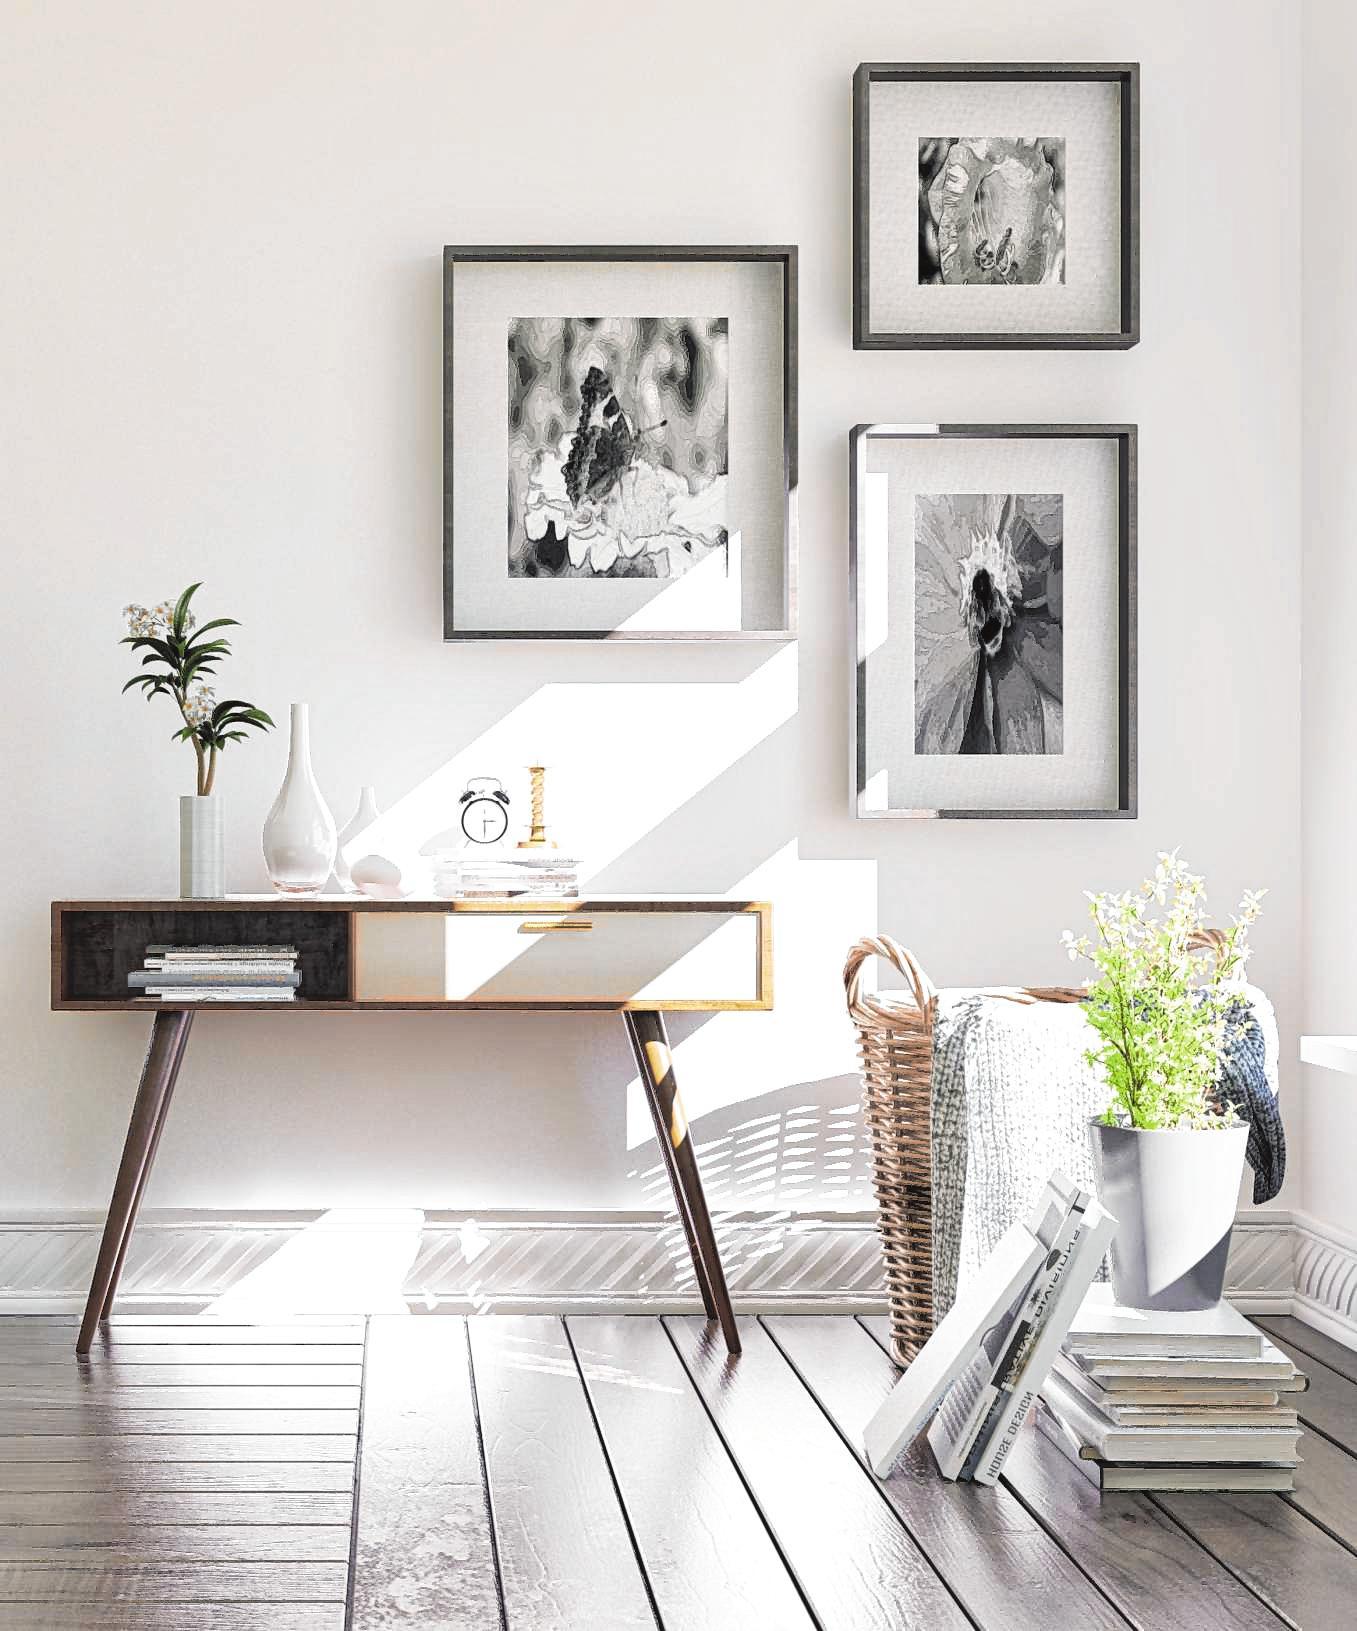 Mehrere Bilder können auf verschiedene Weisen arrangiert werden. Die richtige Höhe für die Bildrahmen hängt davon ab, von wo aus die Werke betrachtet werden sollen.